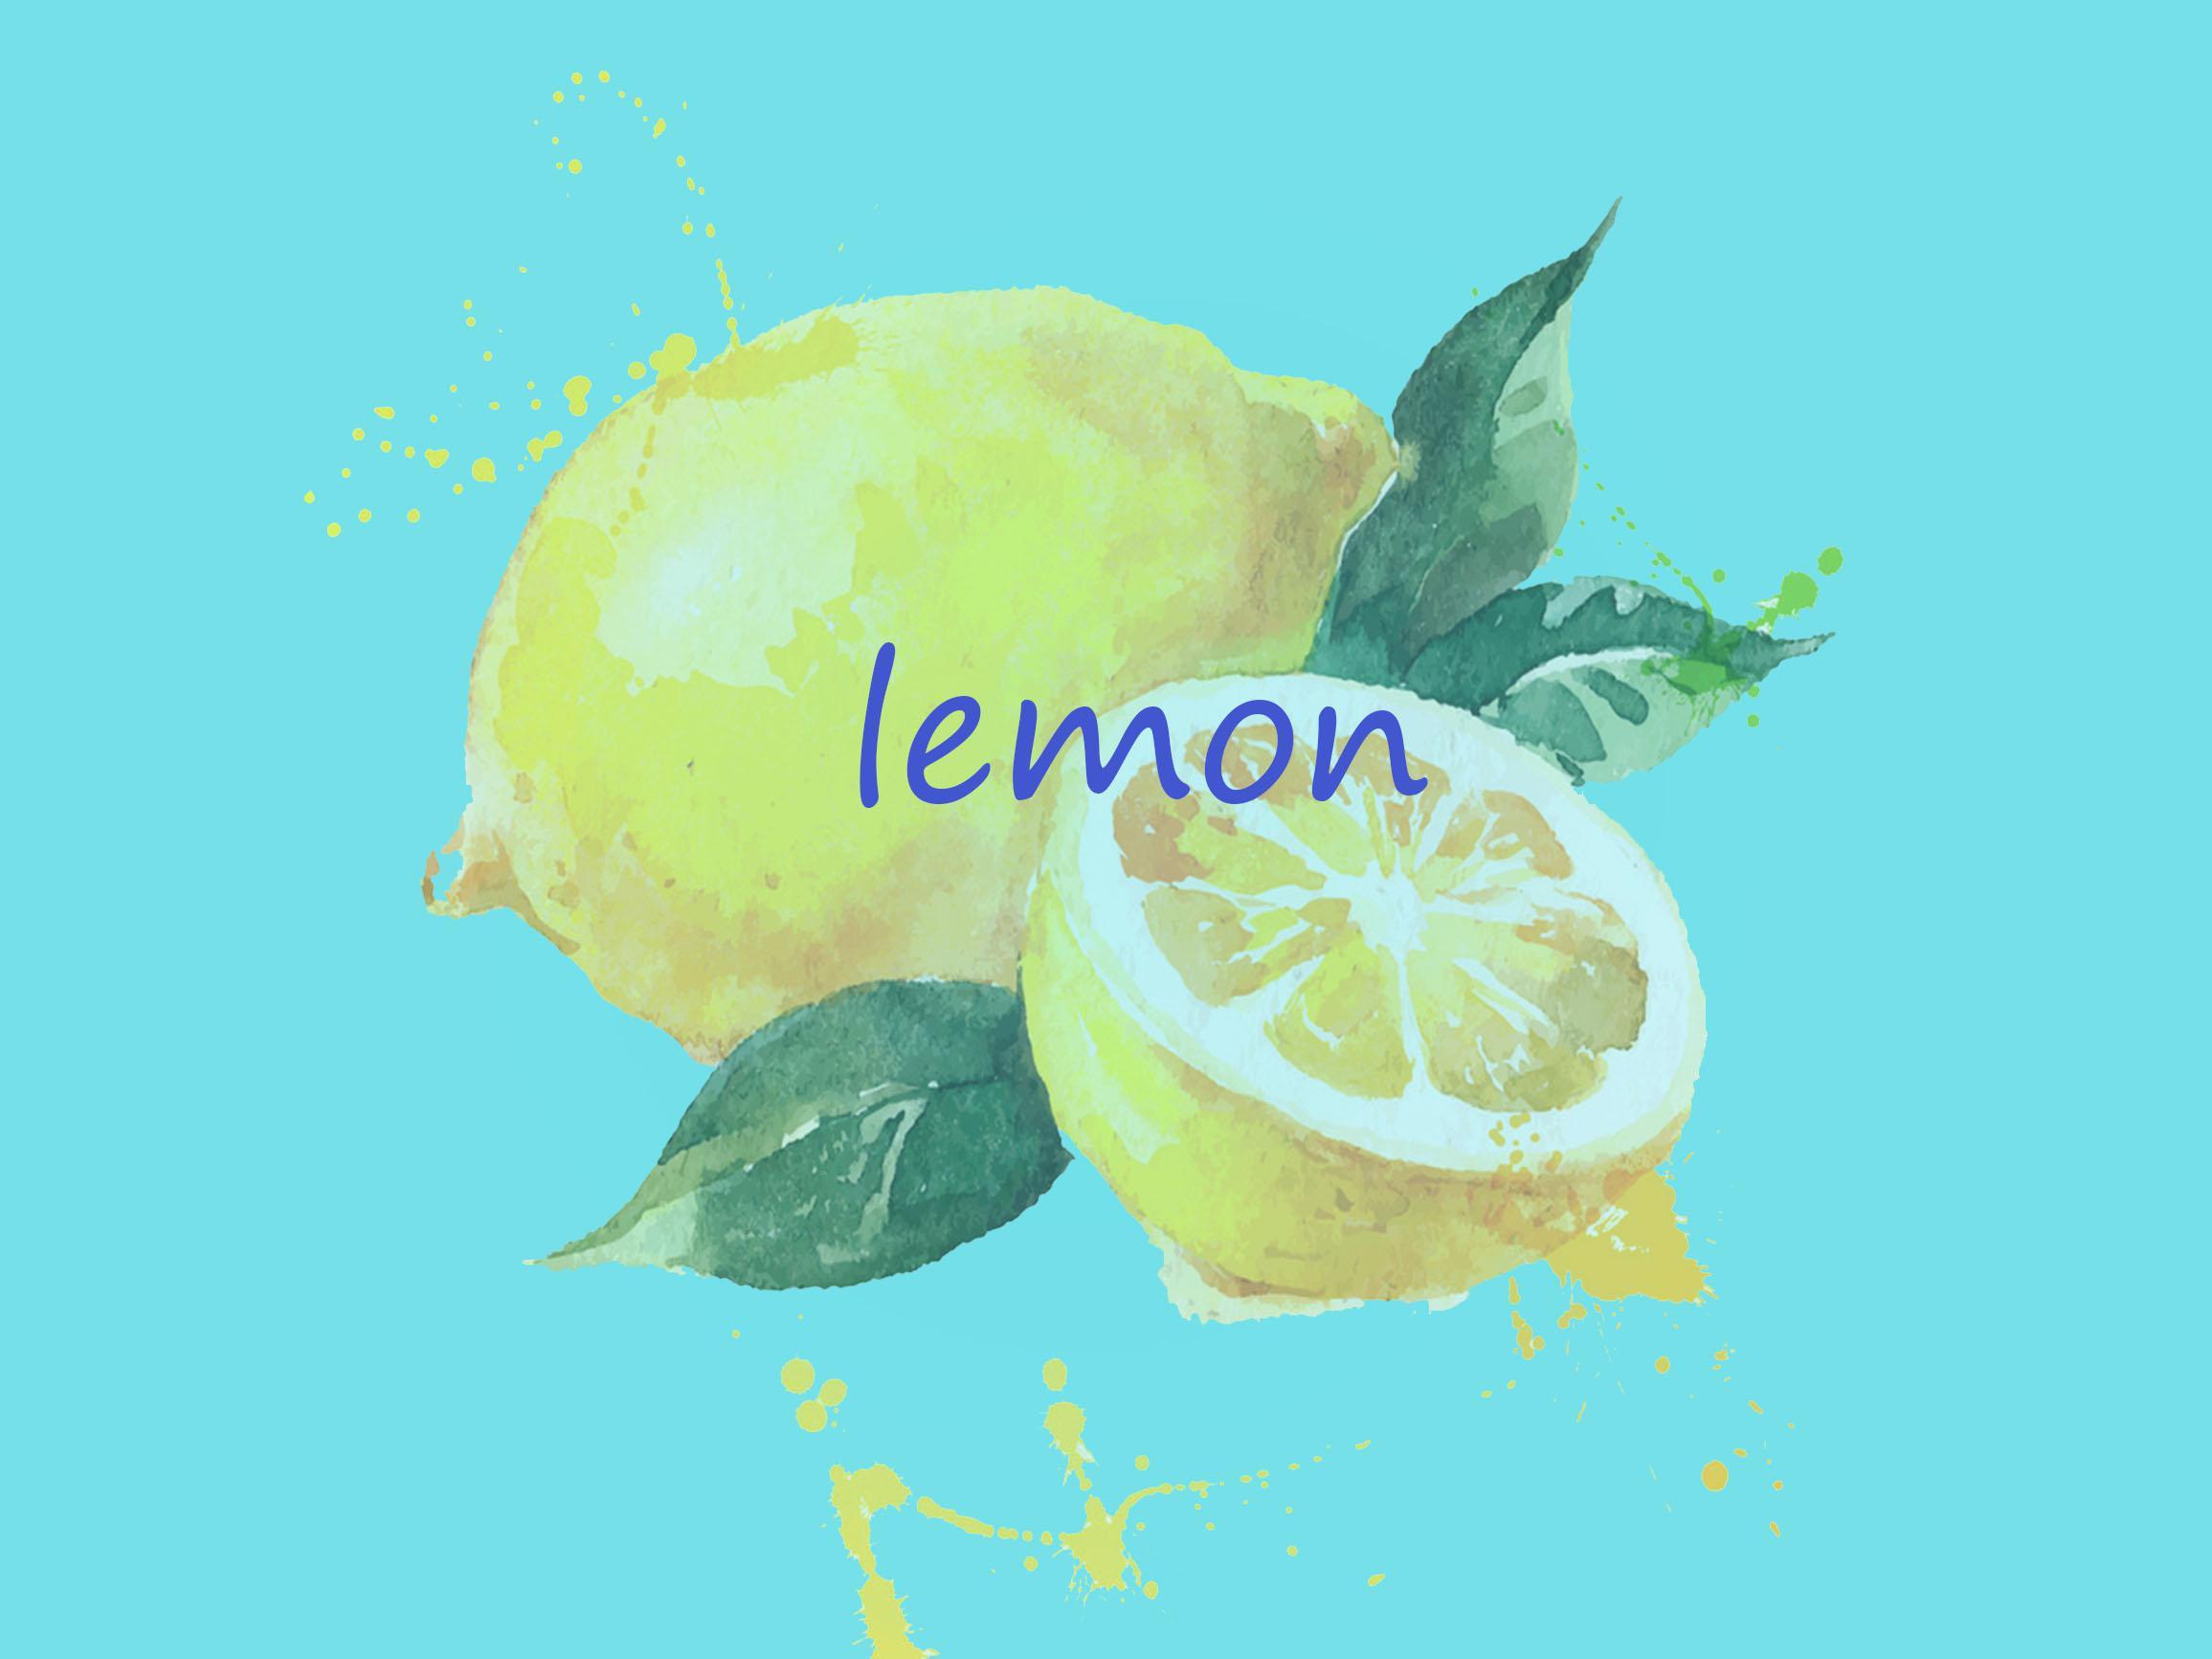 lemon(中文填词ver)(cover 米津玄师)